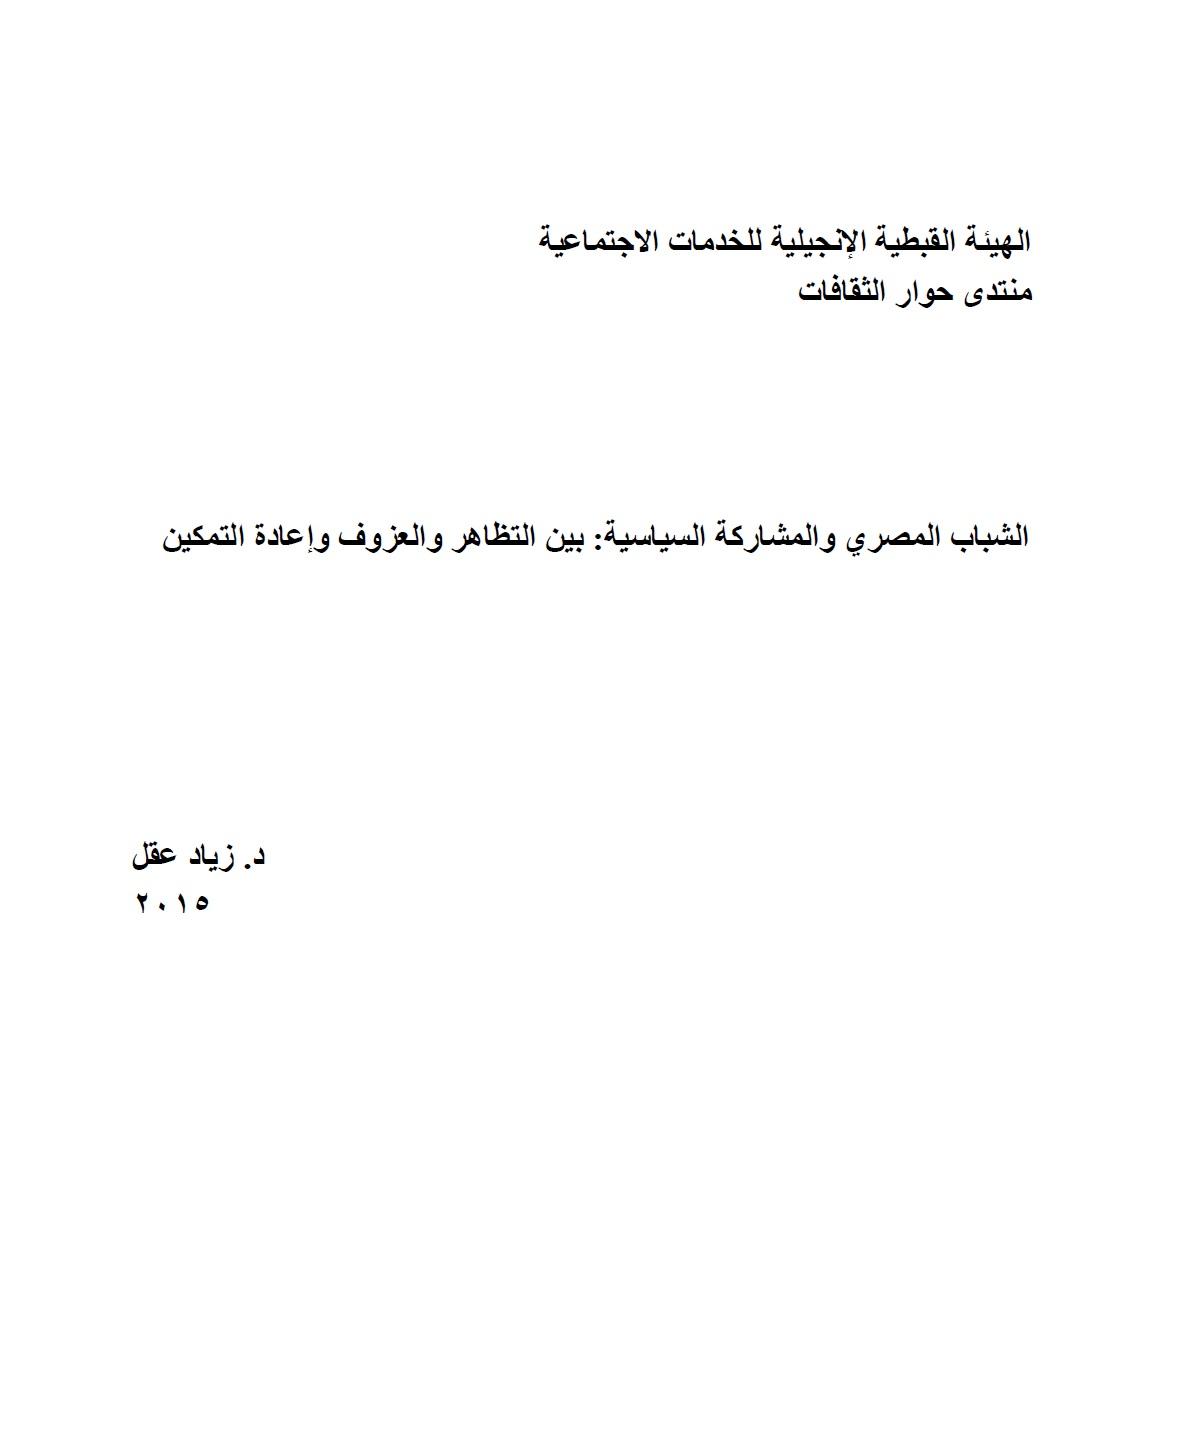 ورقة رأي: الشباب المصري والمشاركة السياسية - بين التظاهر والعزوف وإعادة التمكين